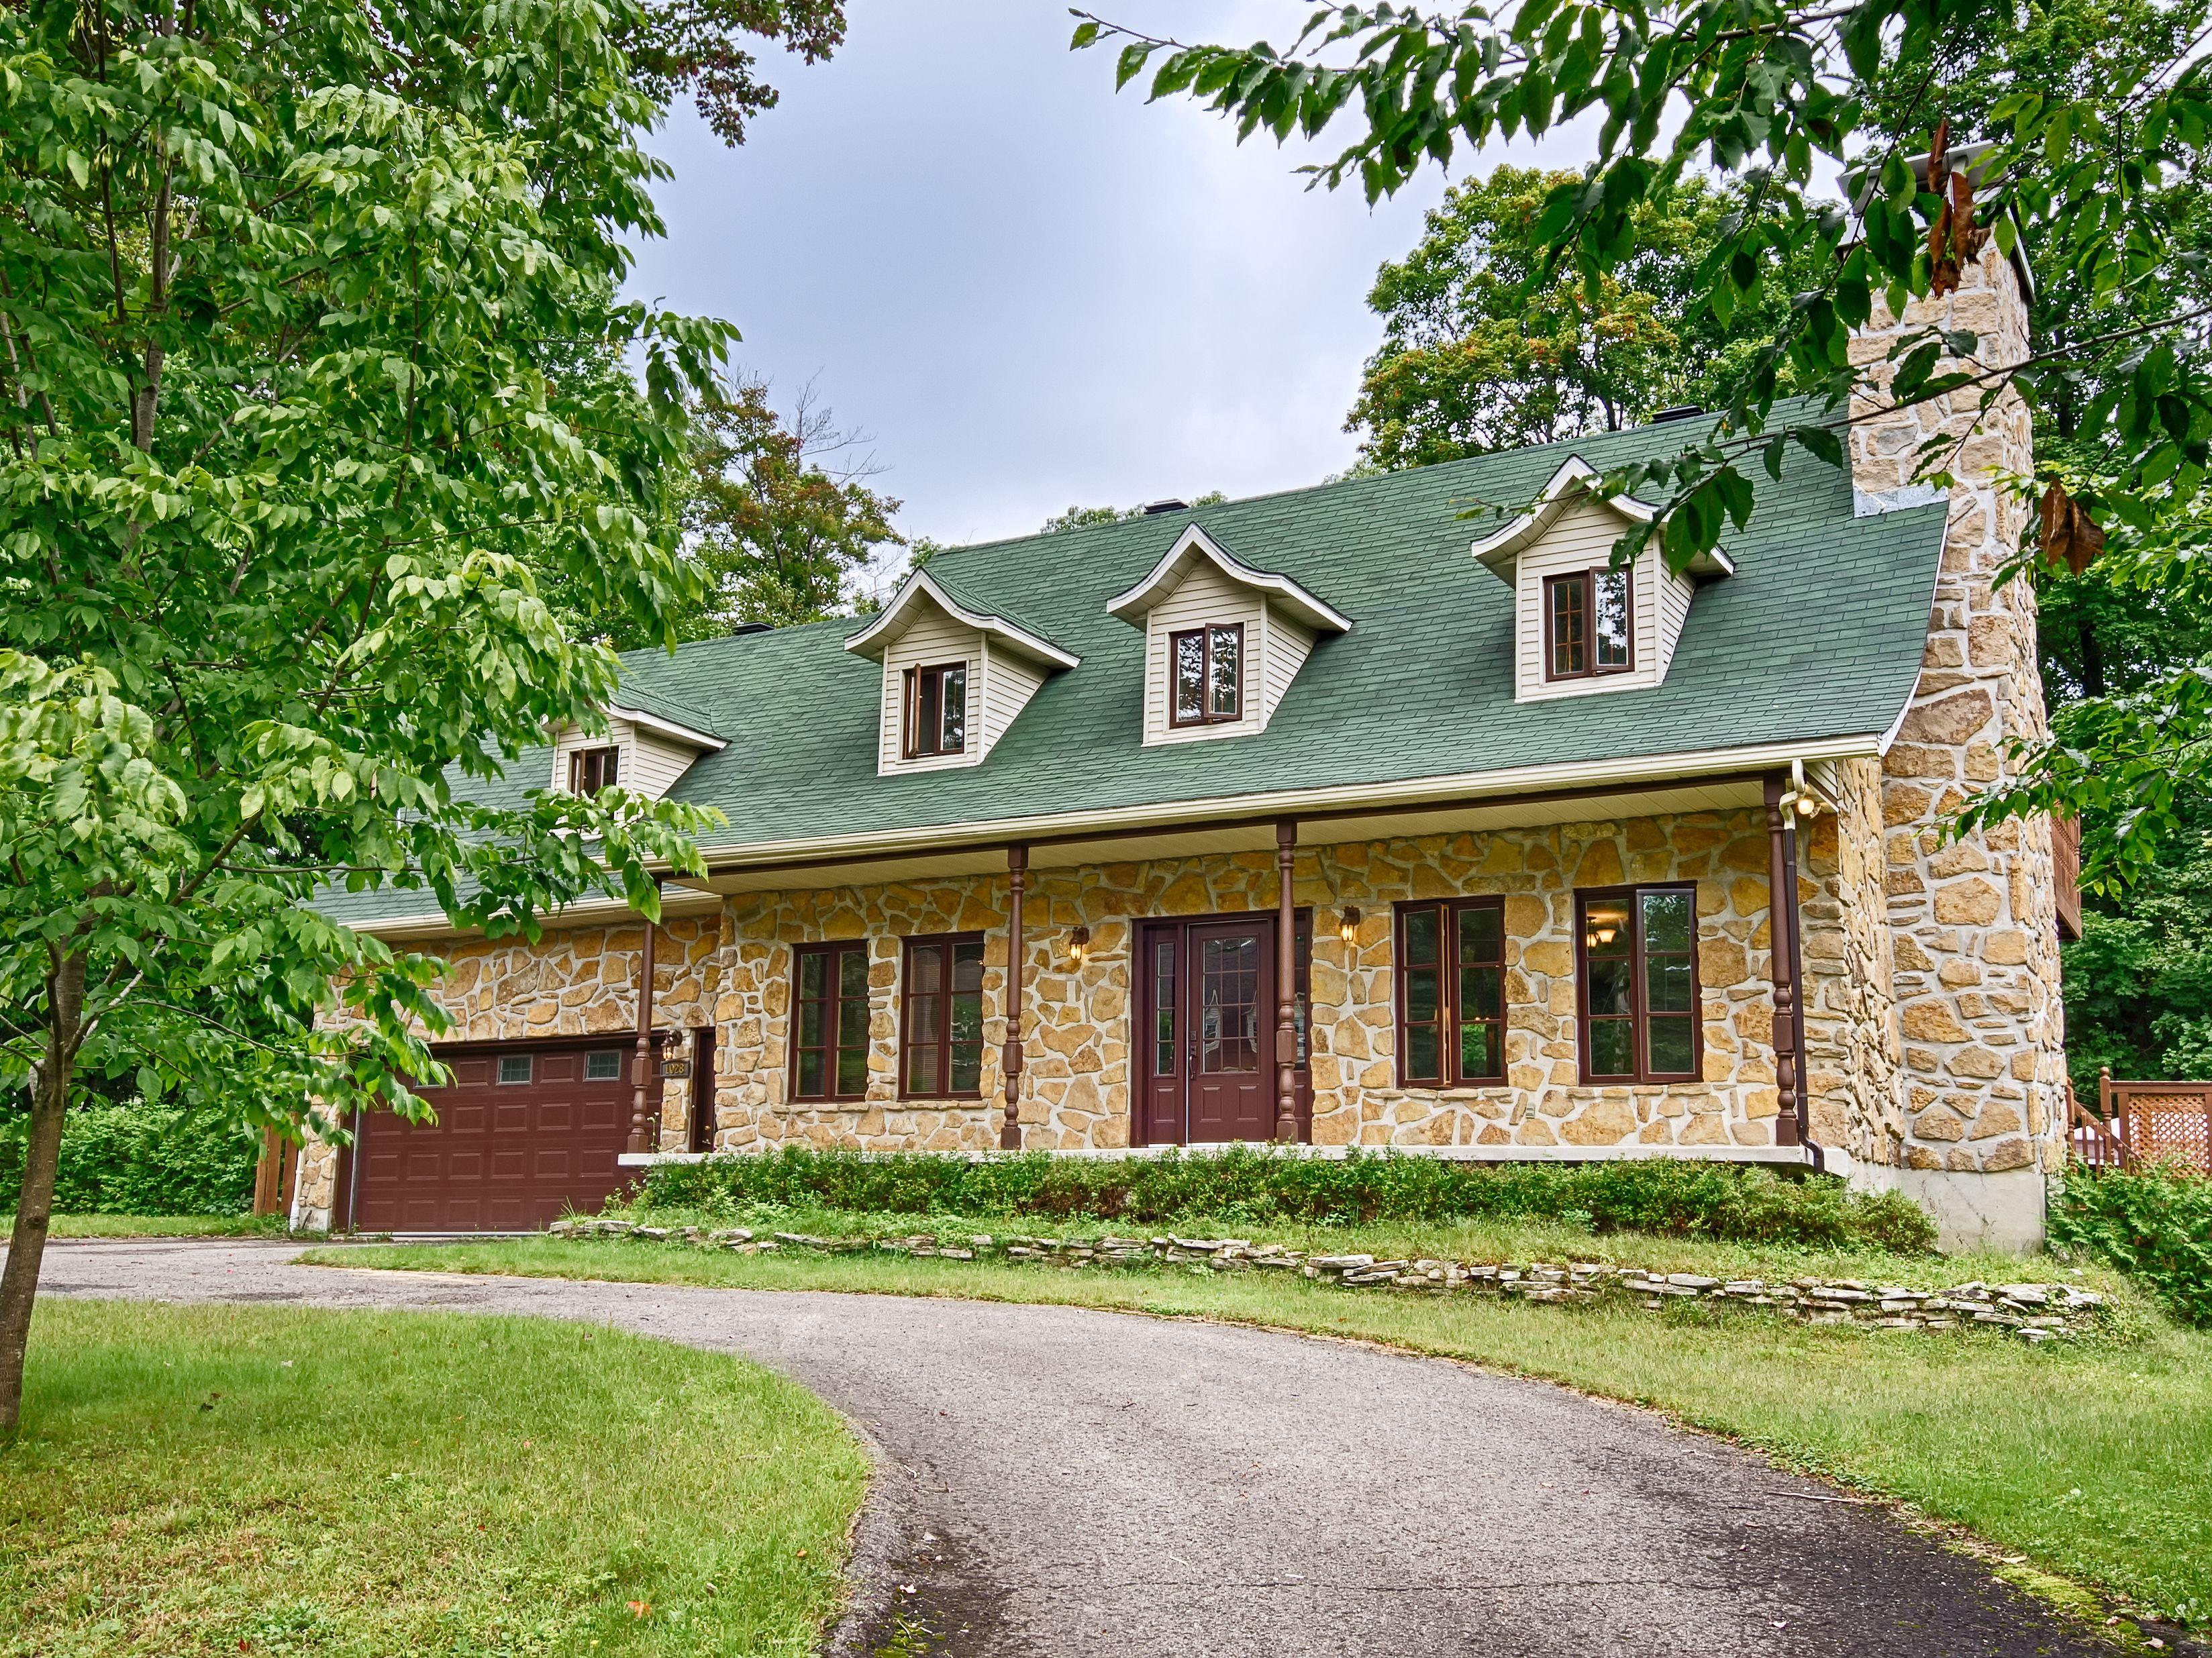 Maison canadienne en pierre des champs st j r me qu bec notre futur pinterest canadien - Maisons canadiennes ...